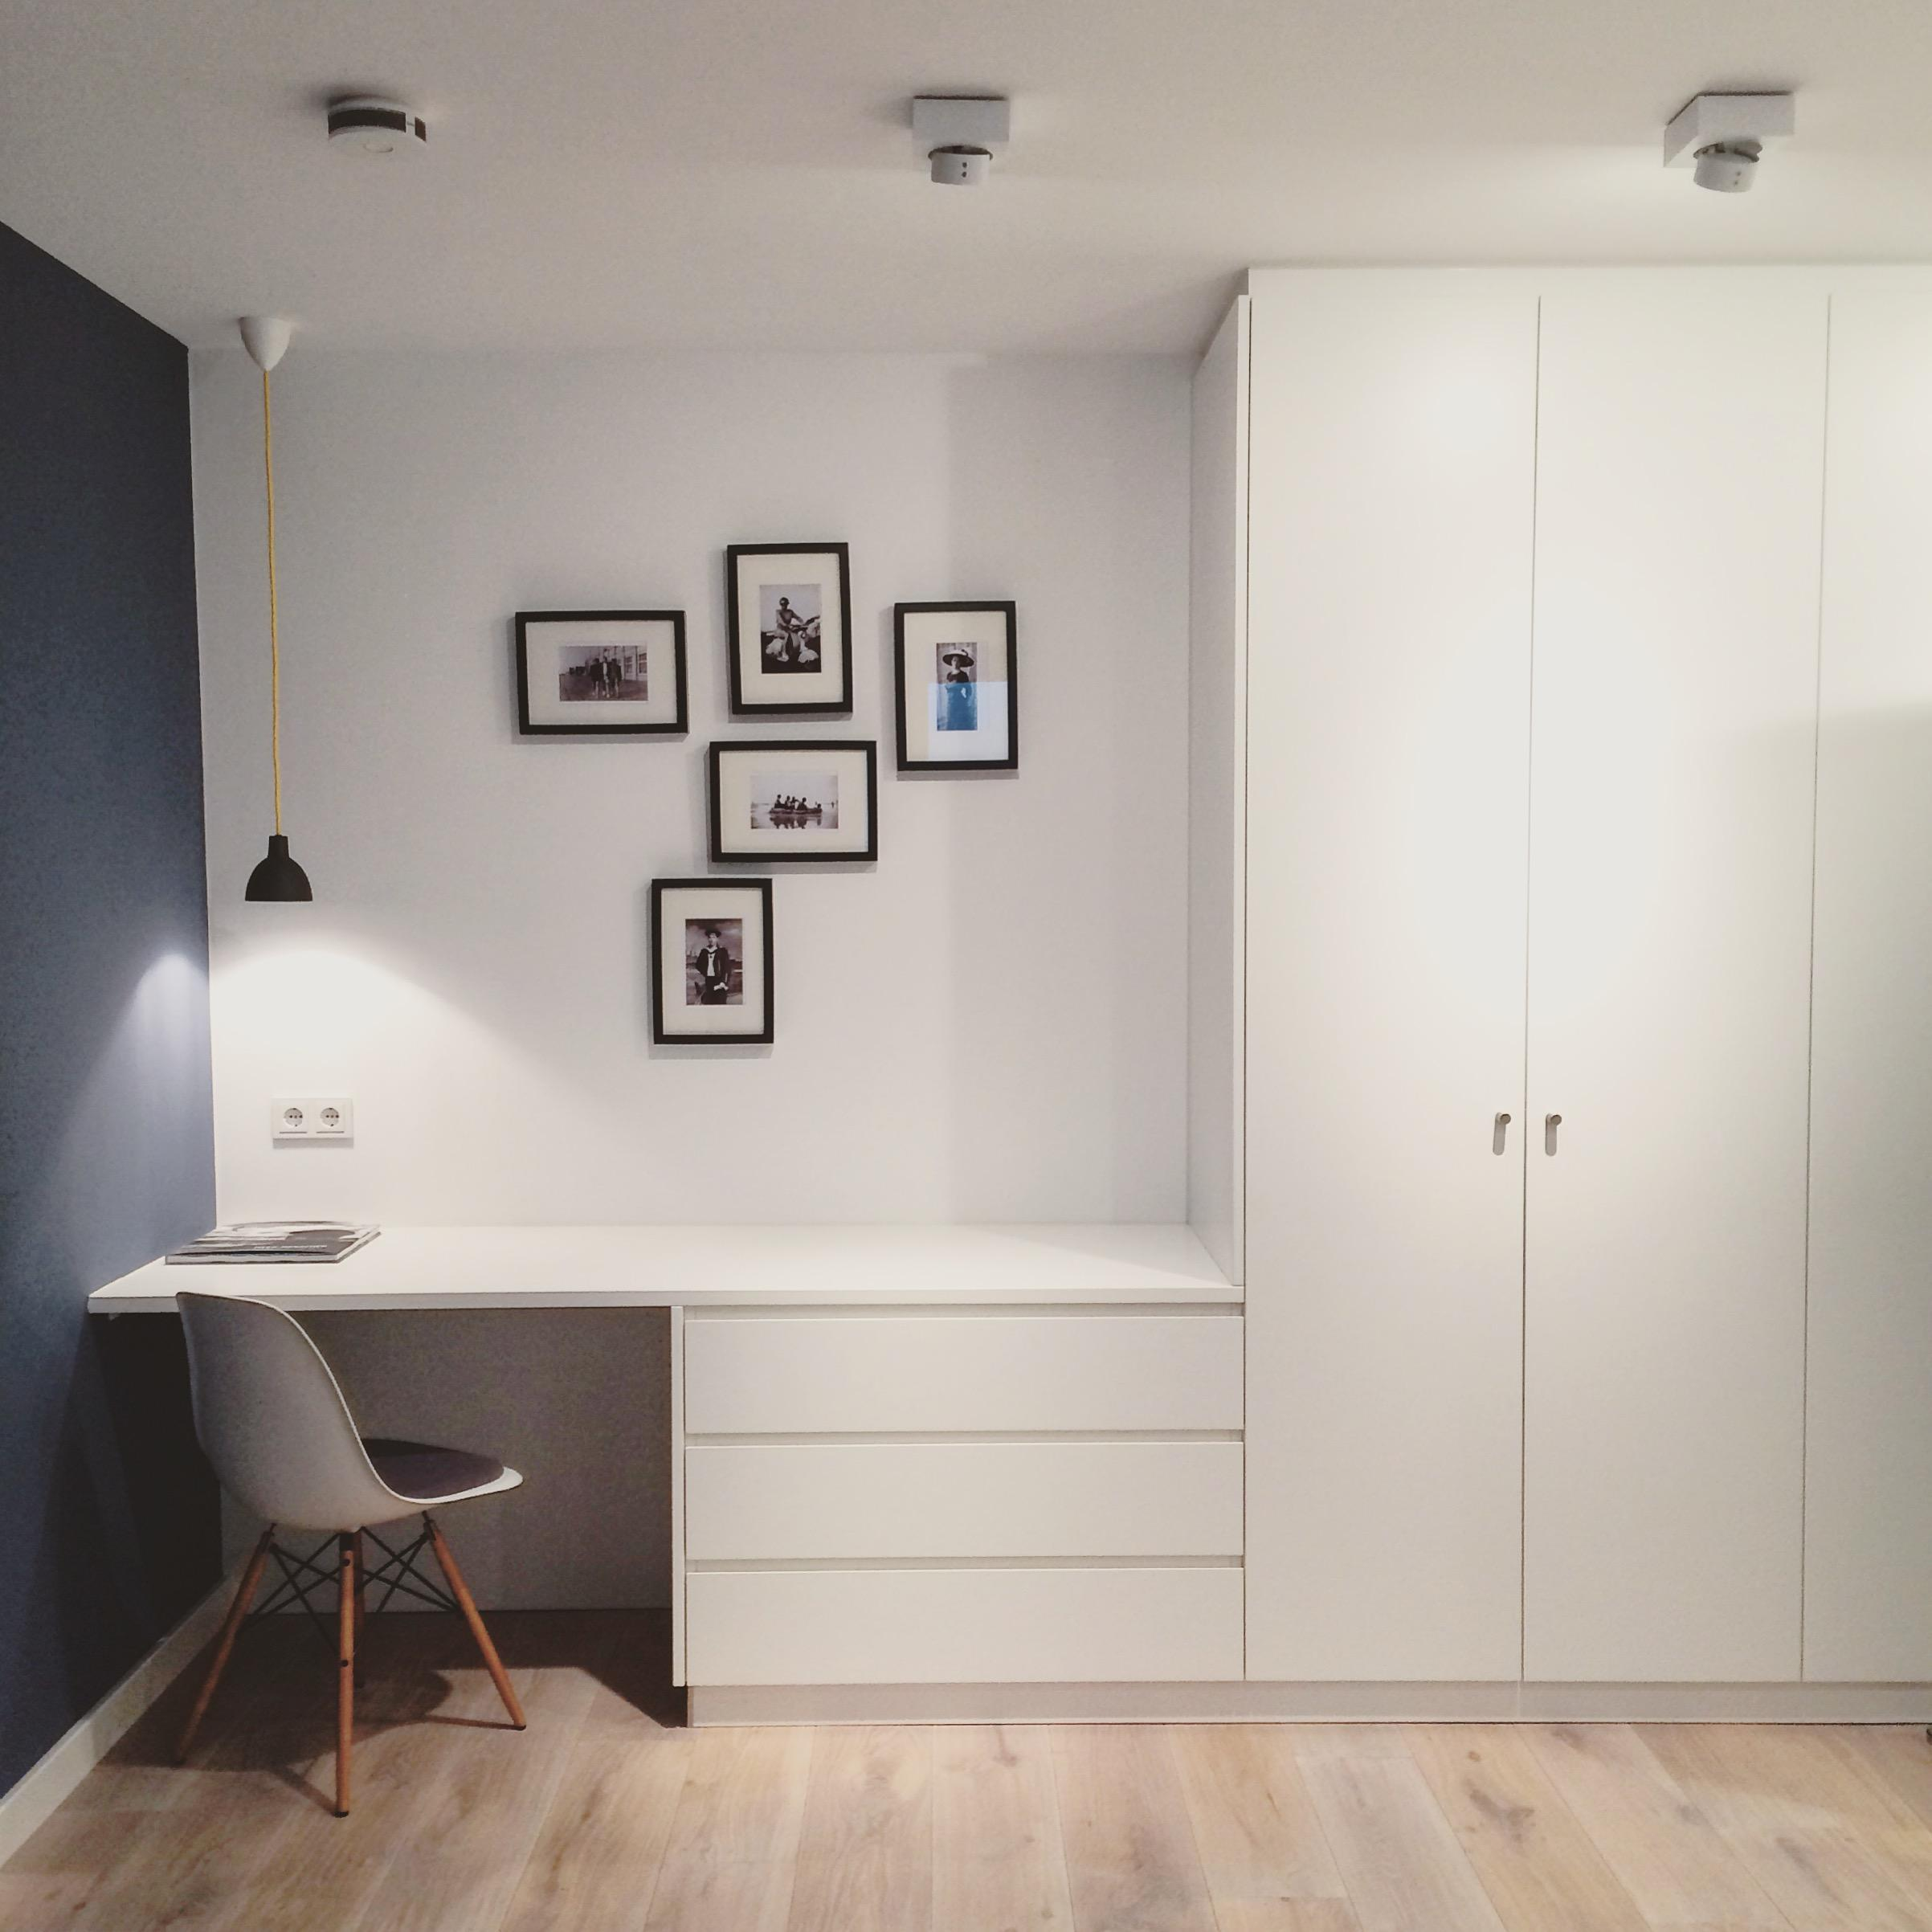 Blauweißes Schlafzimmer • Bilder & Ideen • COUCH